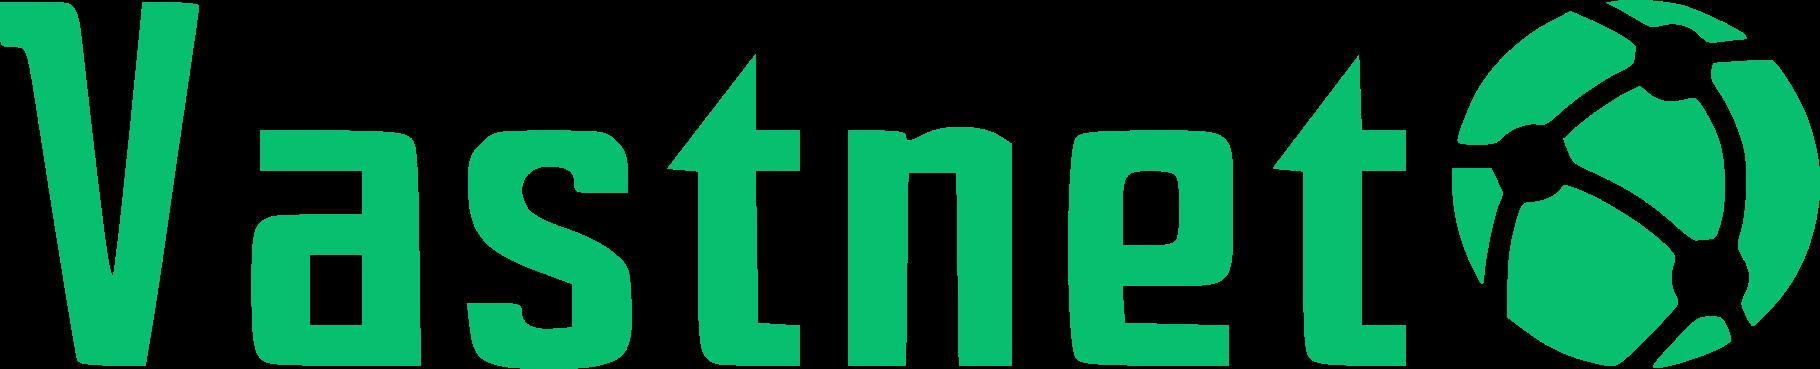 Vastnet Logo 3 Clear BG